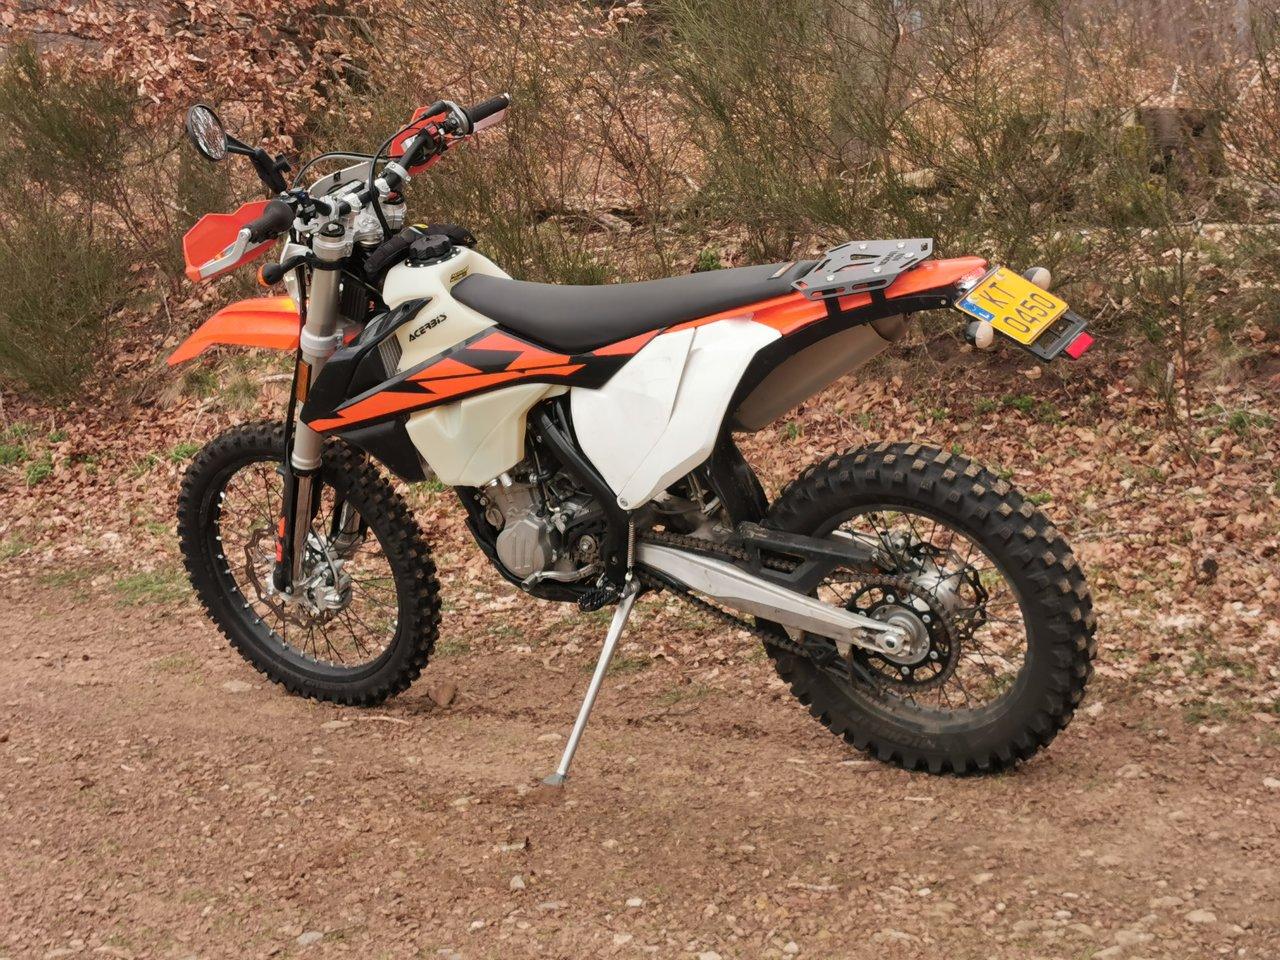 VDS KTM 450 EXC 2019 - utilisation adventure - VENDU 40818427ba